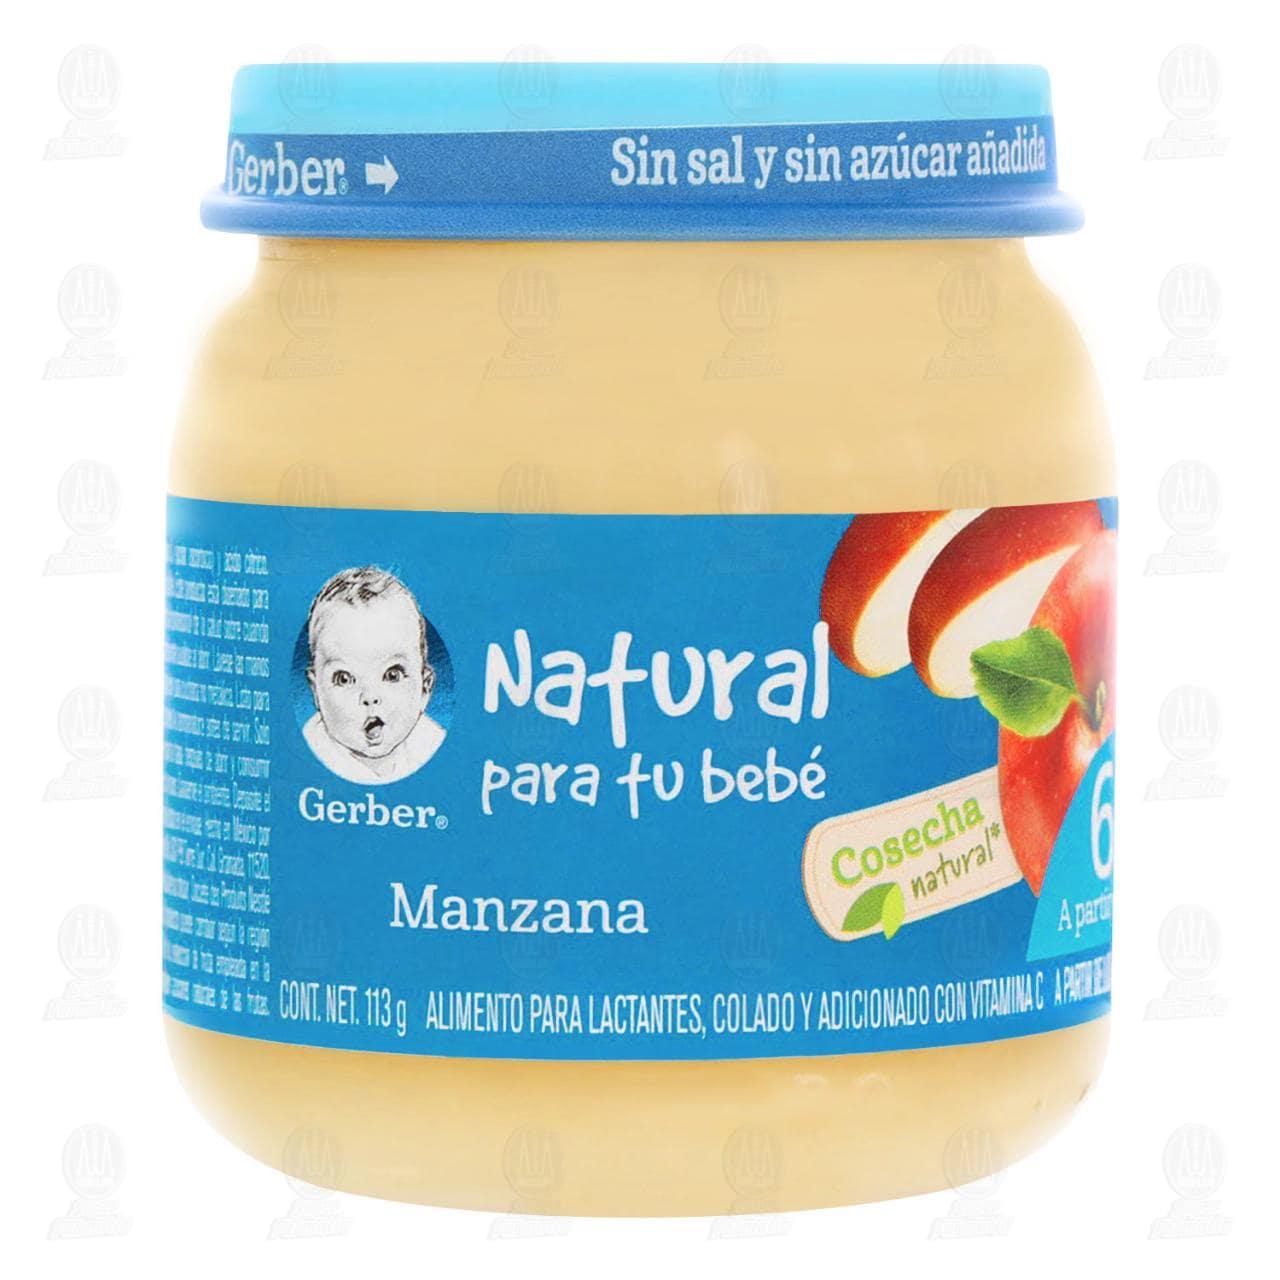 Comprar Papilla Gerber Cosecha Natural de Manzana, a Partir de los 6 Meses, 113 gr. en Farmacias Guadalajara